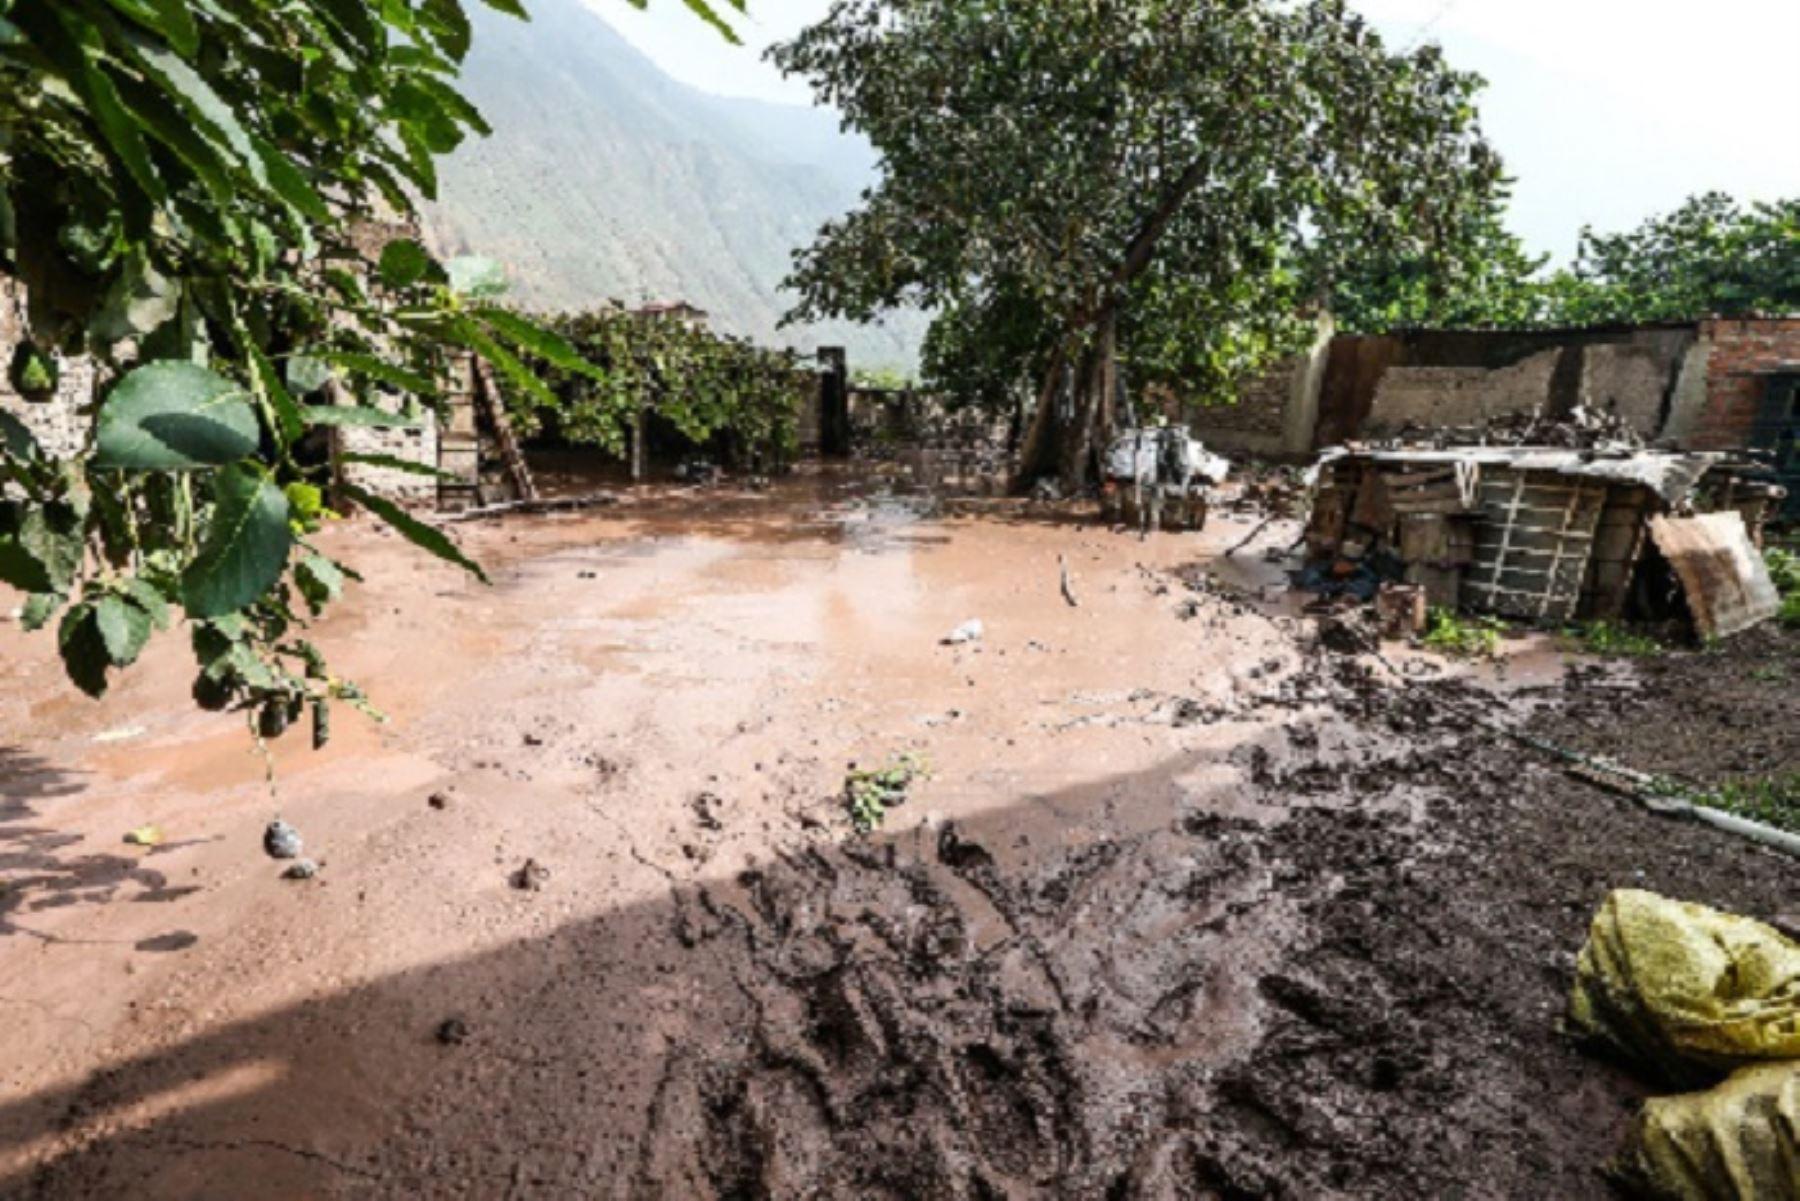 Un total de 213 distritos situados en la sierra (180) y selva (33) del país presentan un riesgo muy alto de la ocurrencia de huaicos, deslizamientos o movimientos de masa ante el inicio de lluvias para ambas regiones anunciadas por el Senamhi, estimó el Centro Nacional de Estimación, Prevención y Reducción del Riesgo de Desastres (Cenepred). ANDINA/Difusión